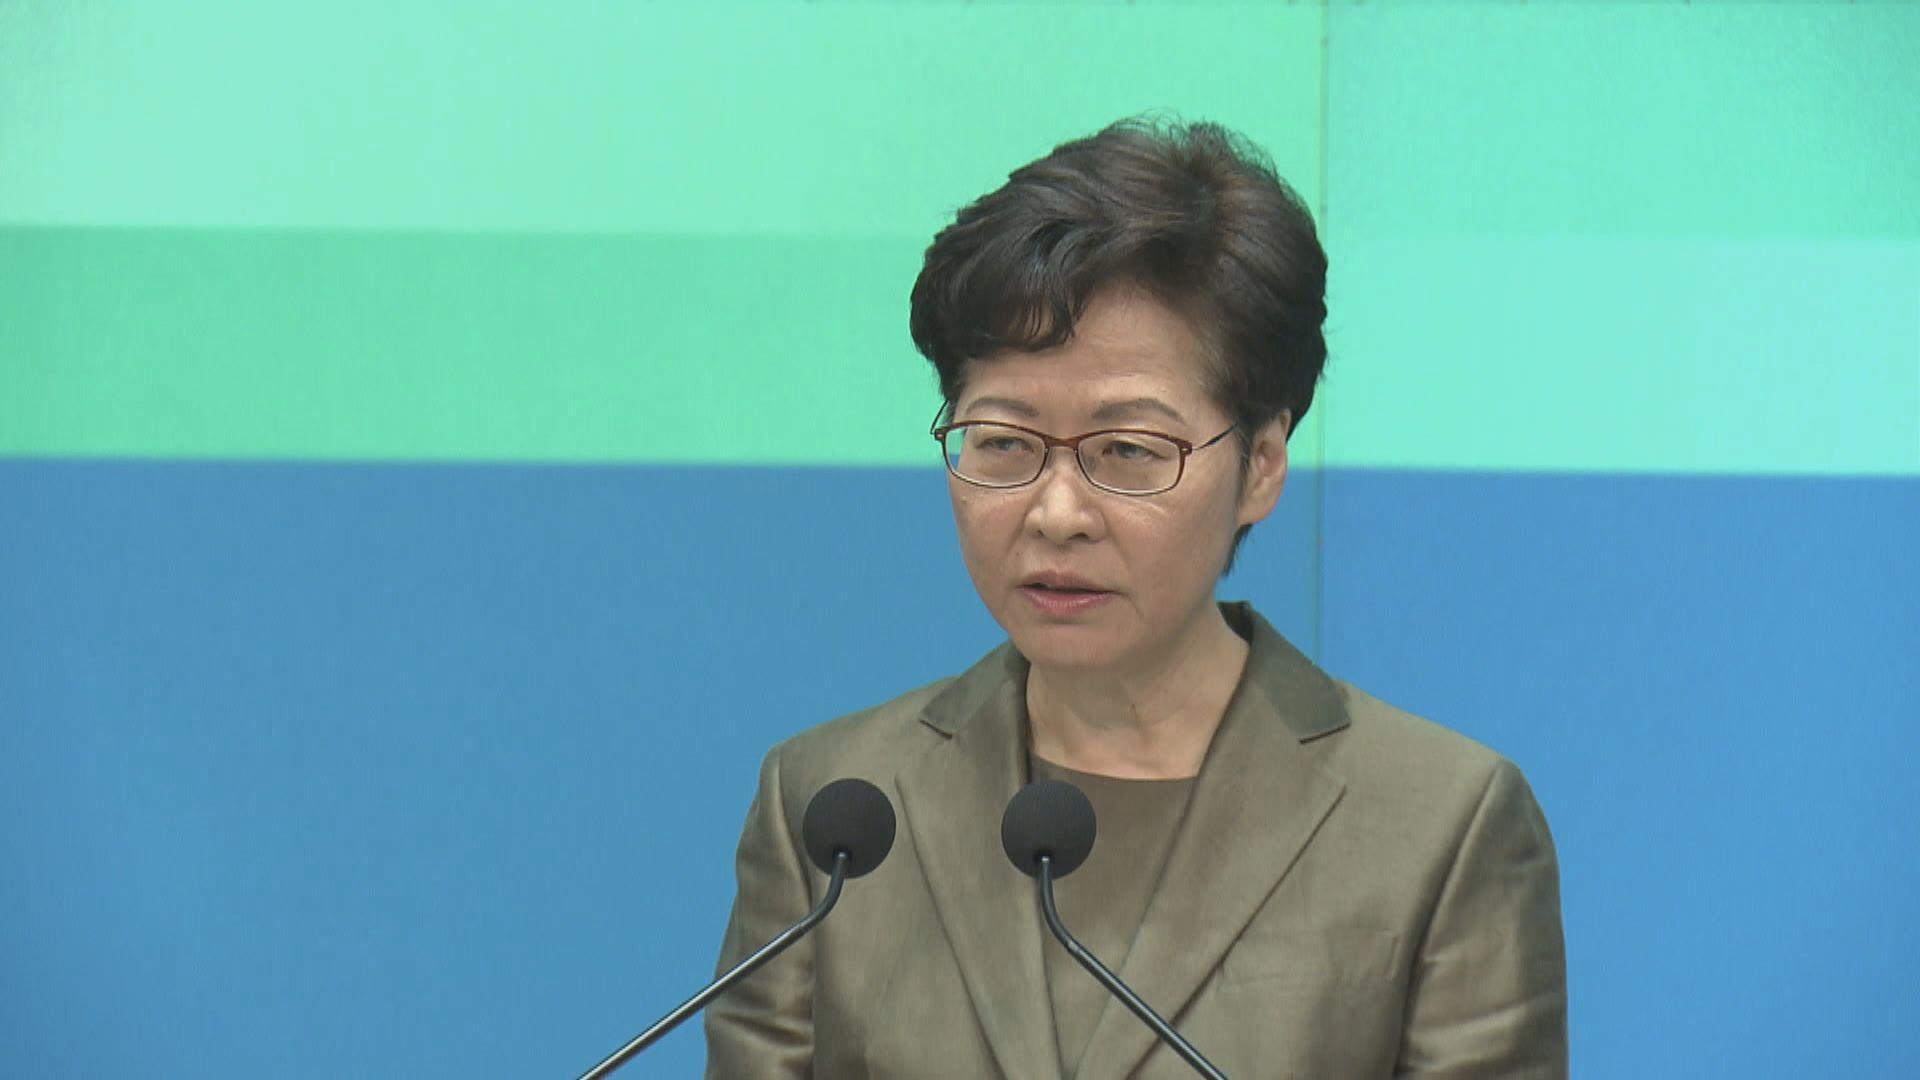 林鄭指國安委根據調查證據裁定不通過鄭松泰選委登記